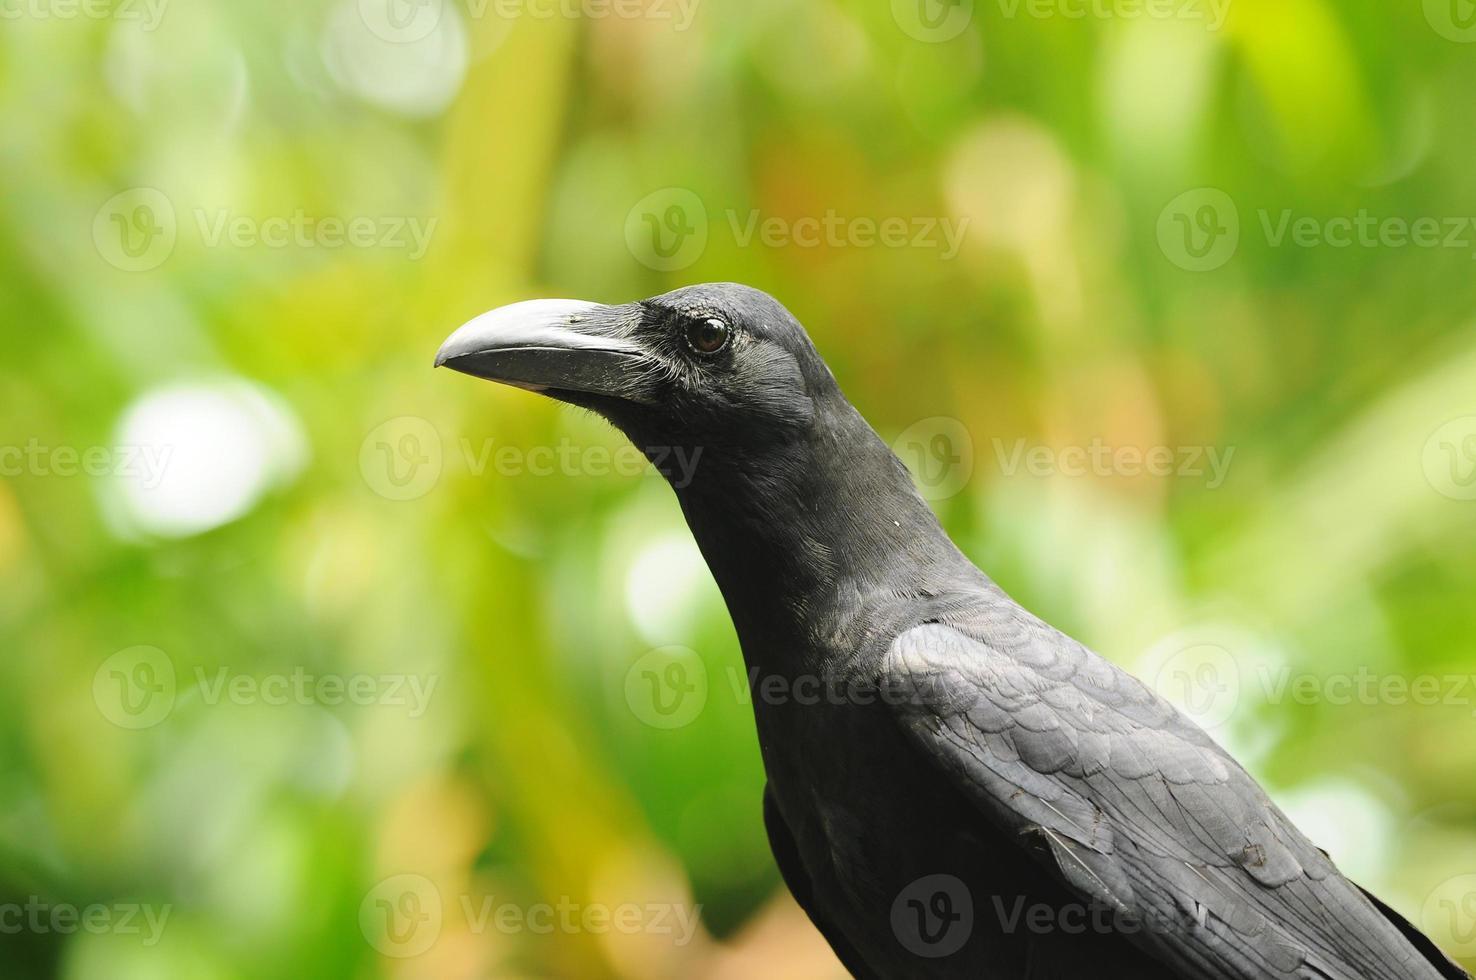 uccello nero (corvo dal becco grosso) foto